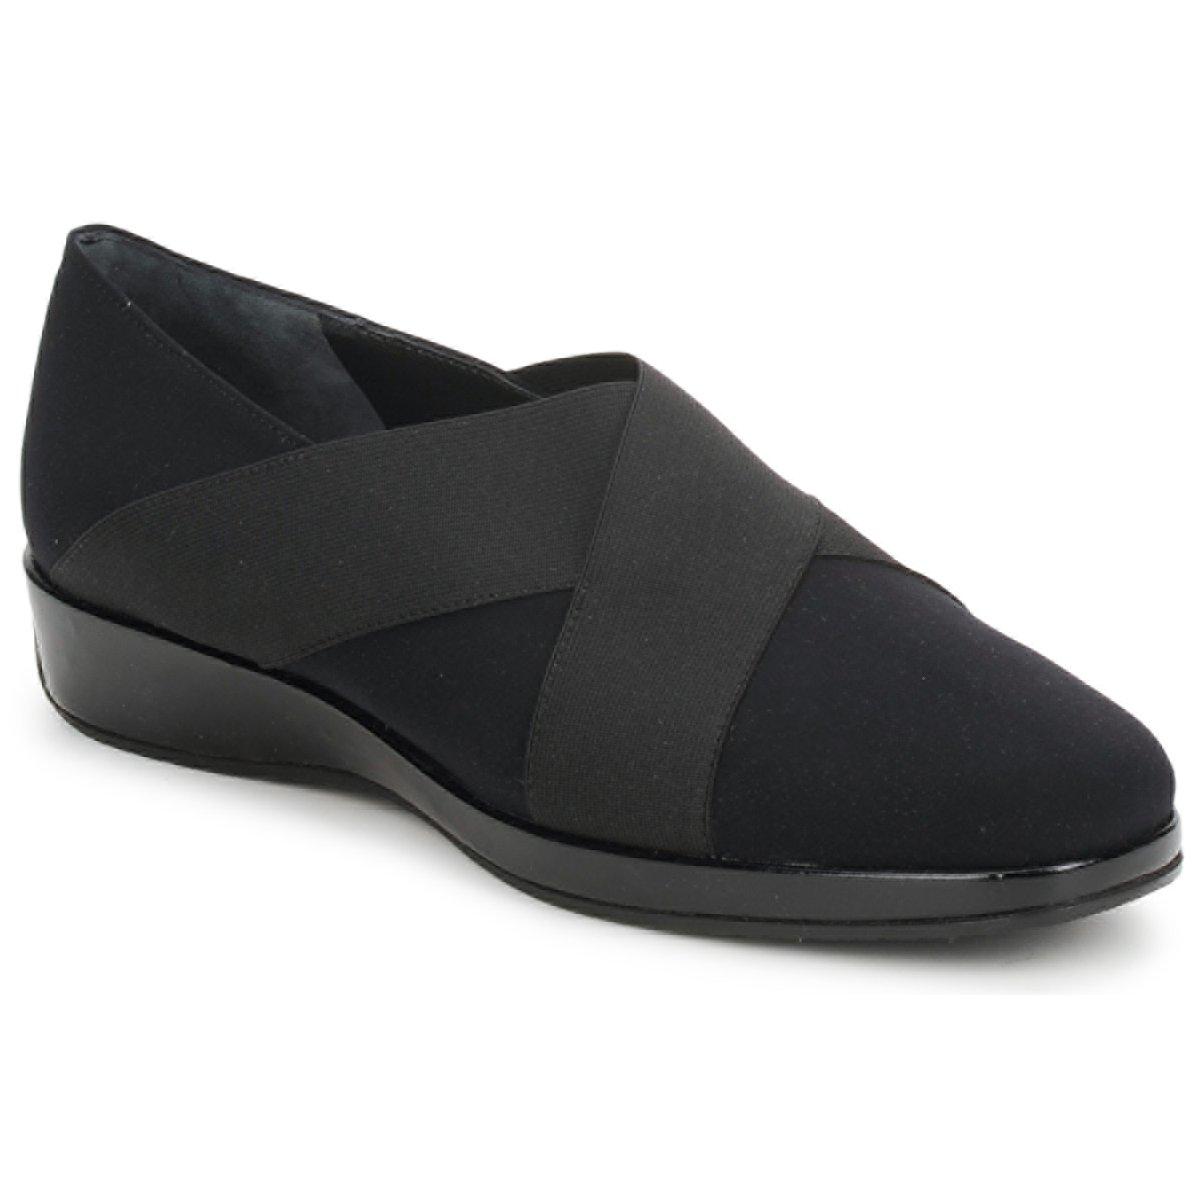 Smart-shoes Amalfi by Rangoni PRETTY Black